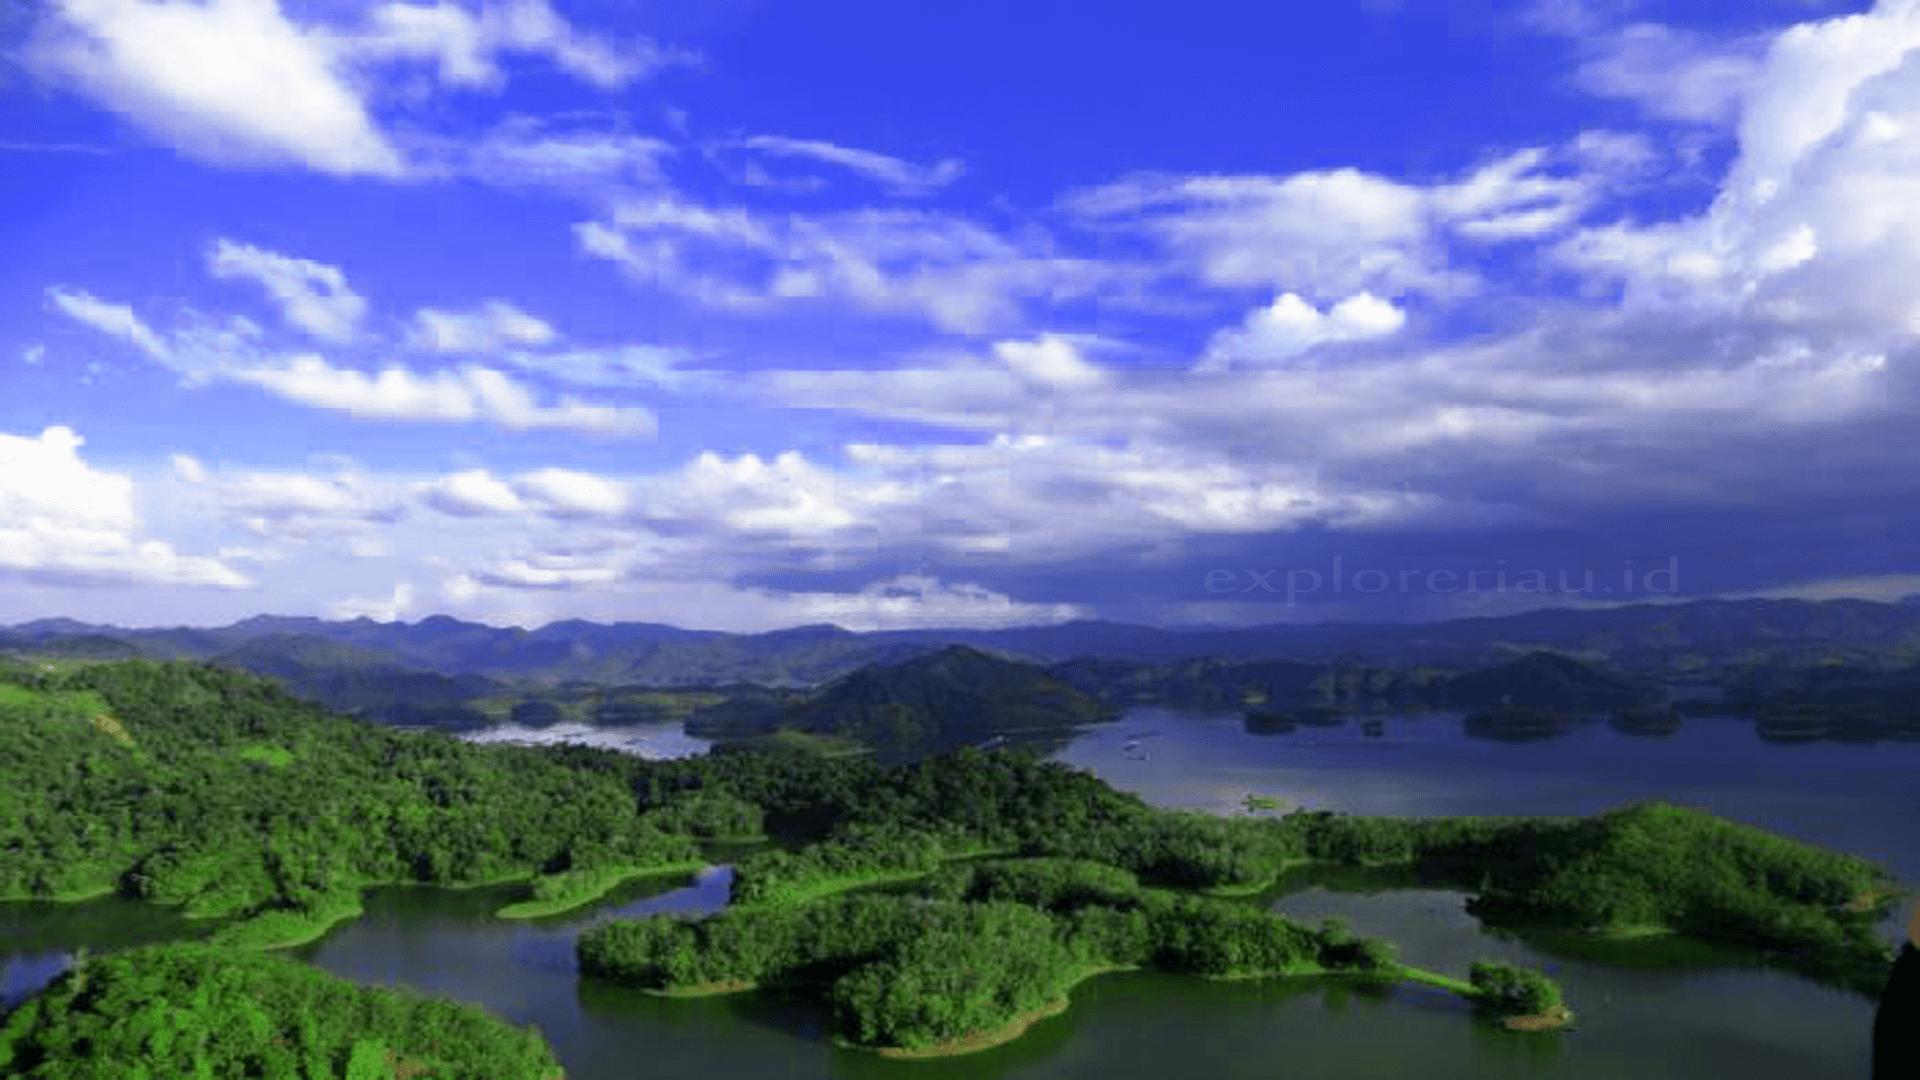 Explore Riau Kampar Ulu Kasok Adalah Salah Satu Wisata Alam Kabupaten Kampar Yang Sedang Populer Dikalangan Wisatawan Khususnya Pemandangan Pulau Pedesaan